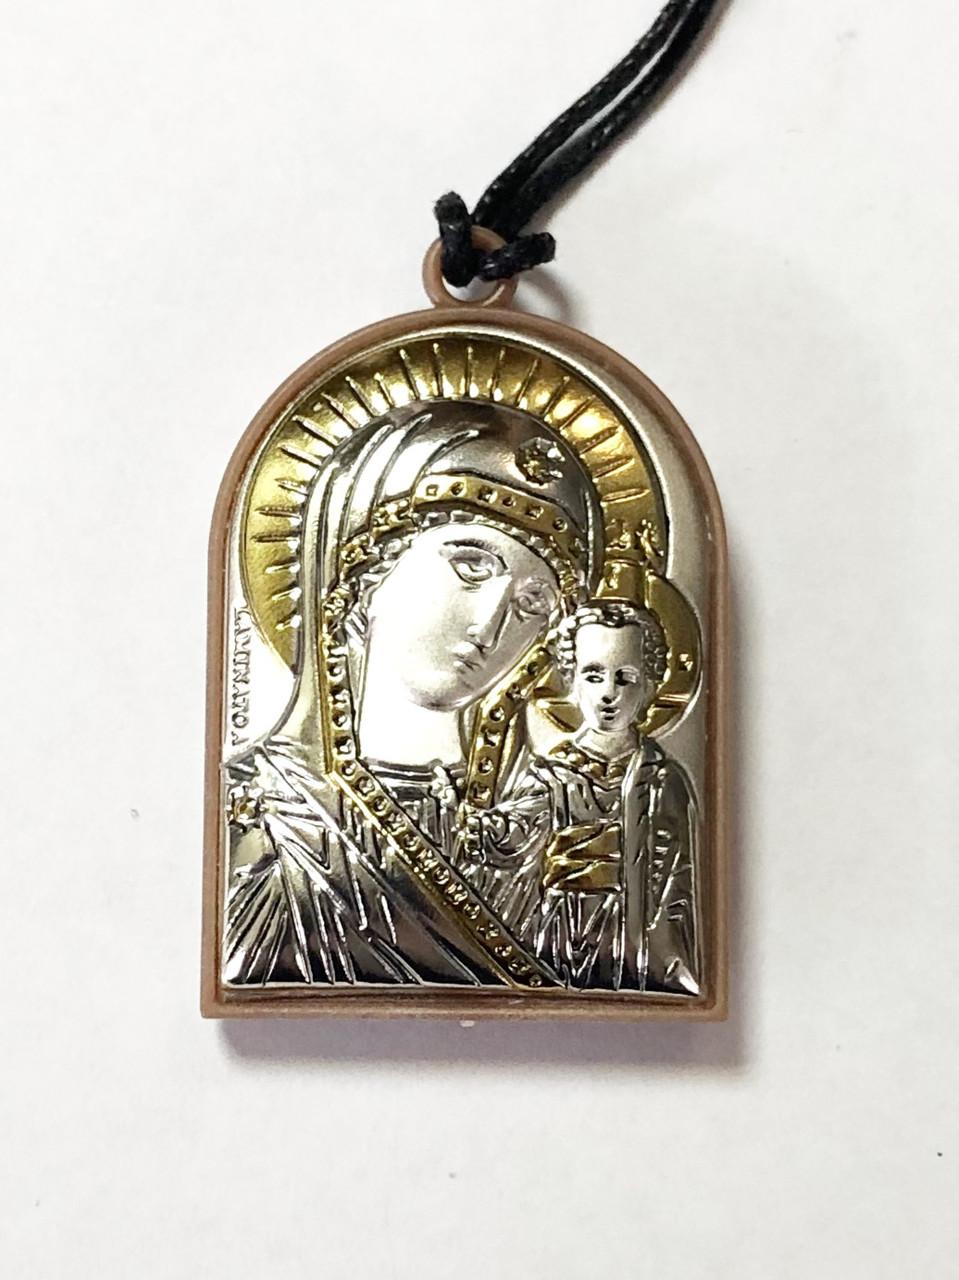 Иконка в авто(Казанская и Ангел Хранитель)